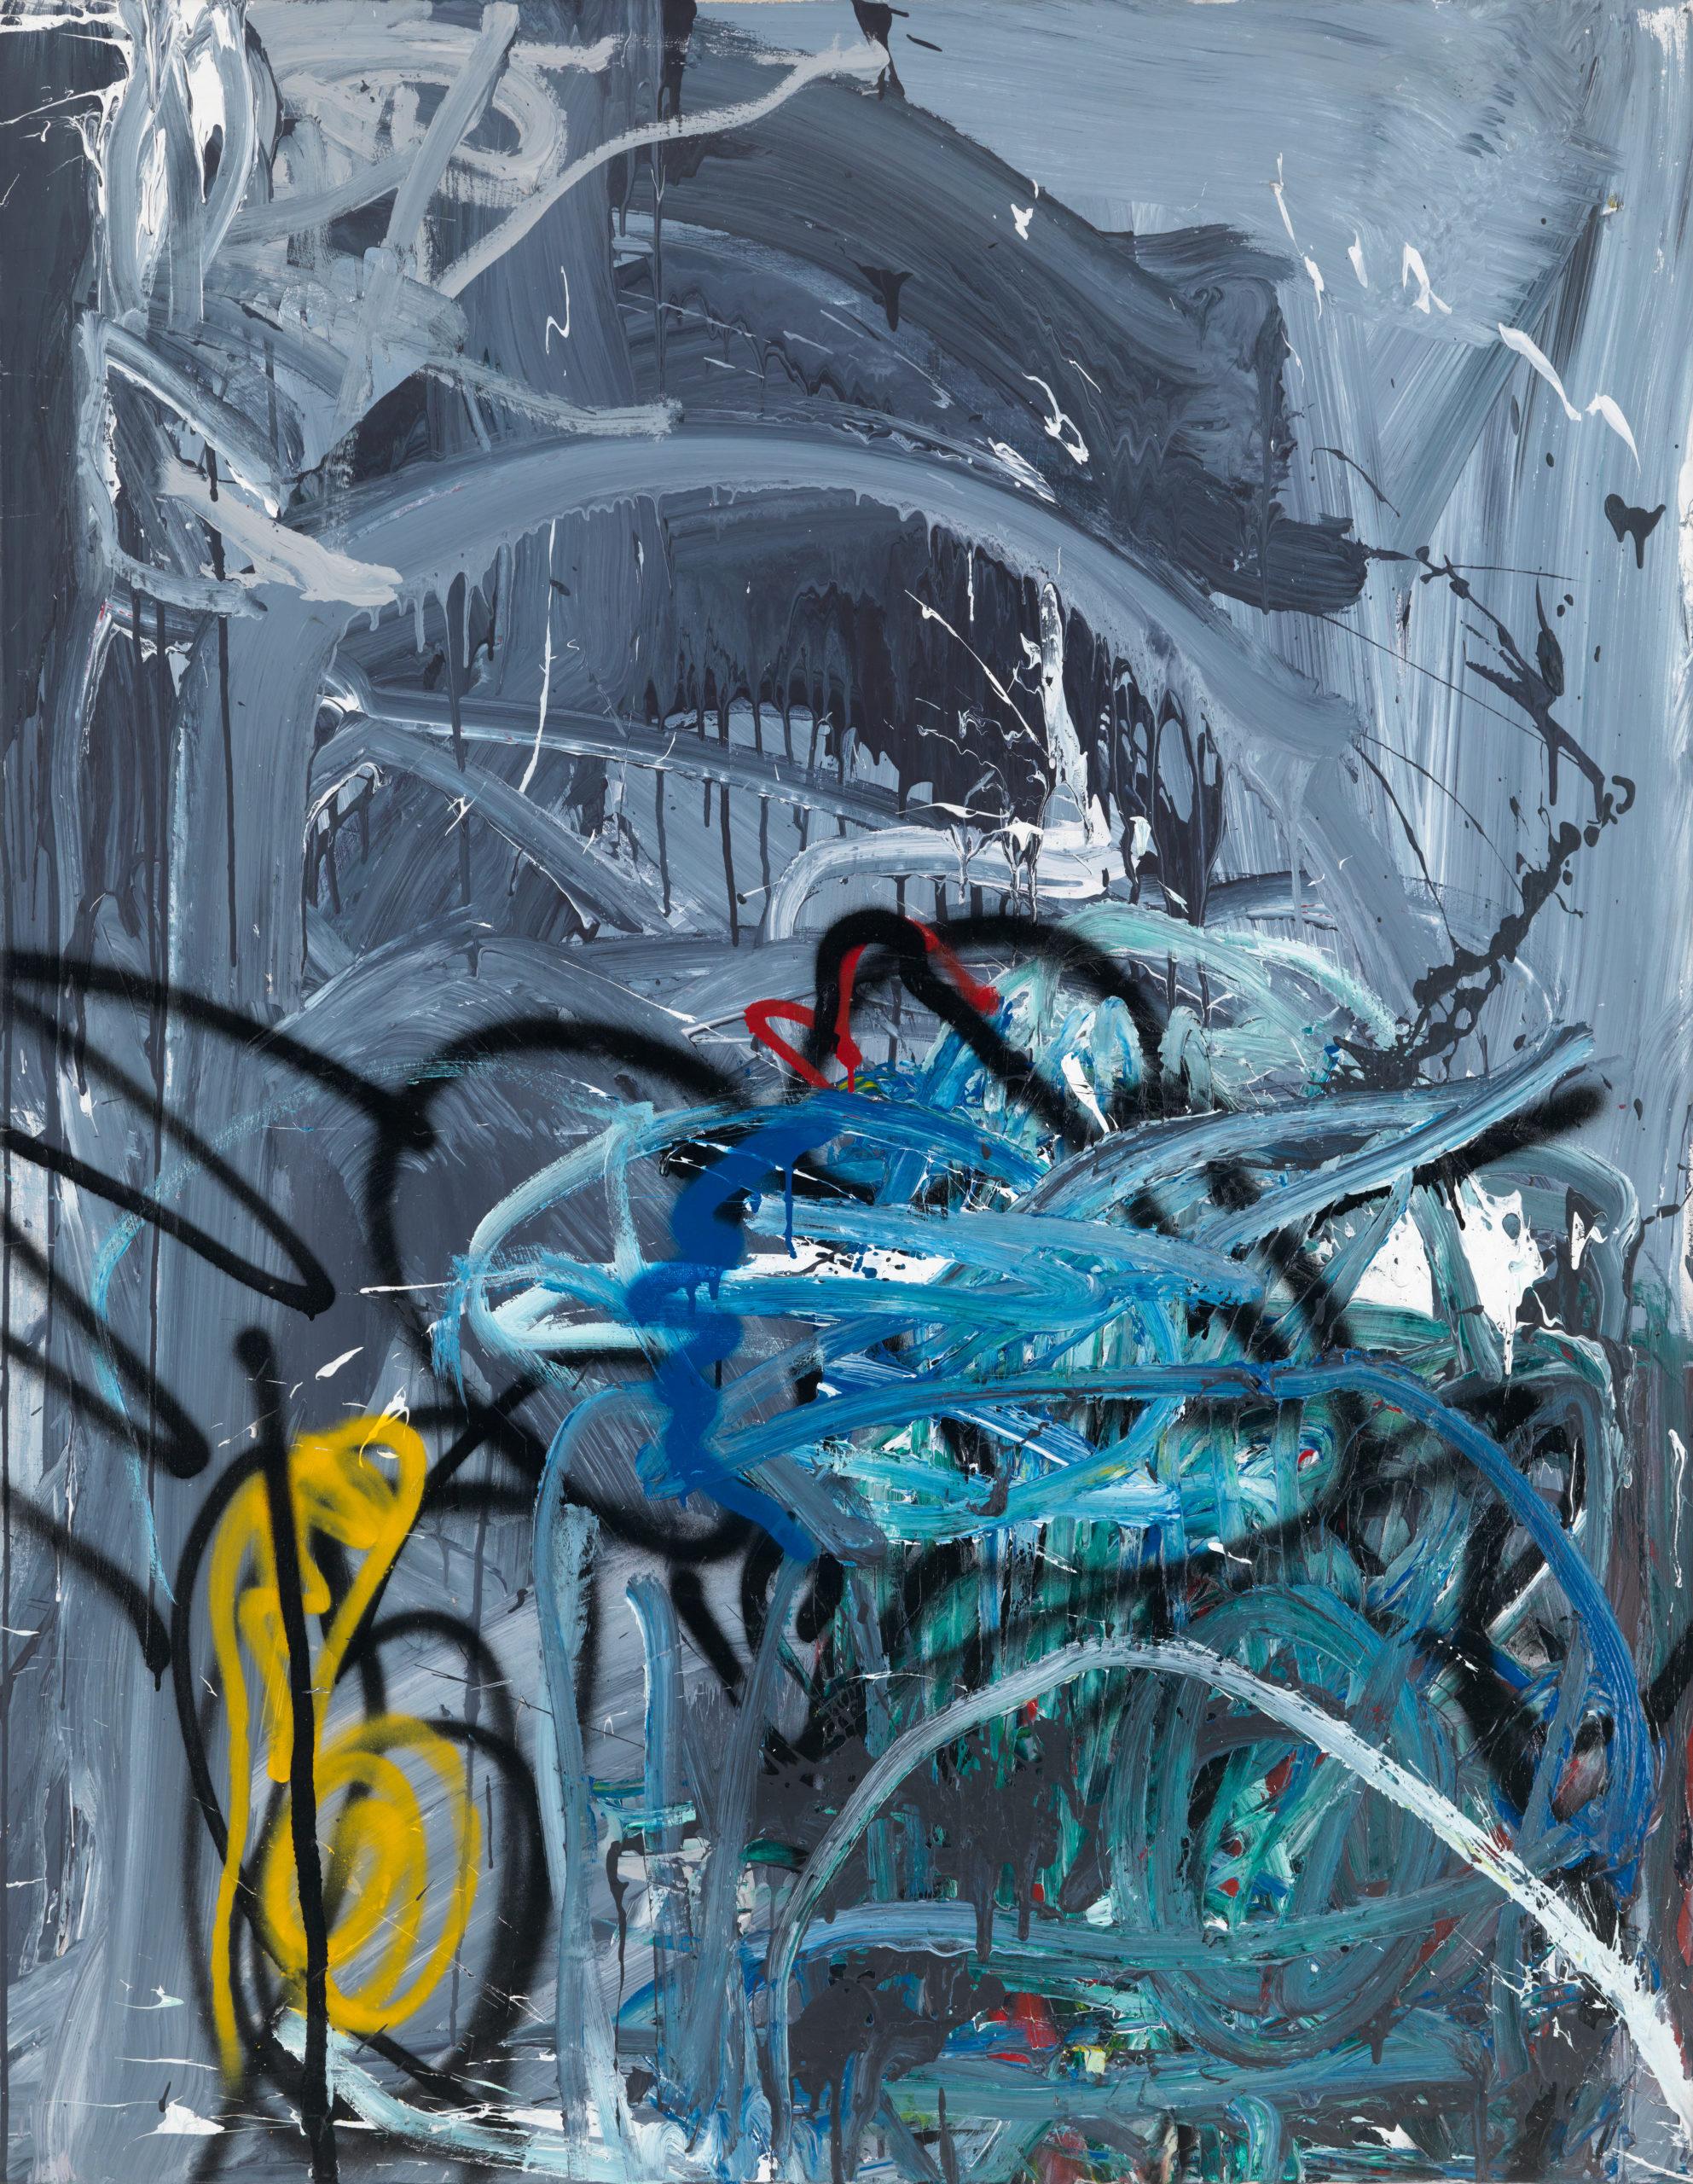 Reinhard Pods, Untitled, 1983, oil, spray on canvas, 140 x 110 cm